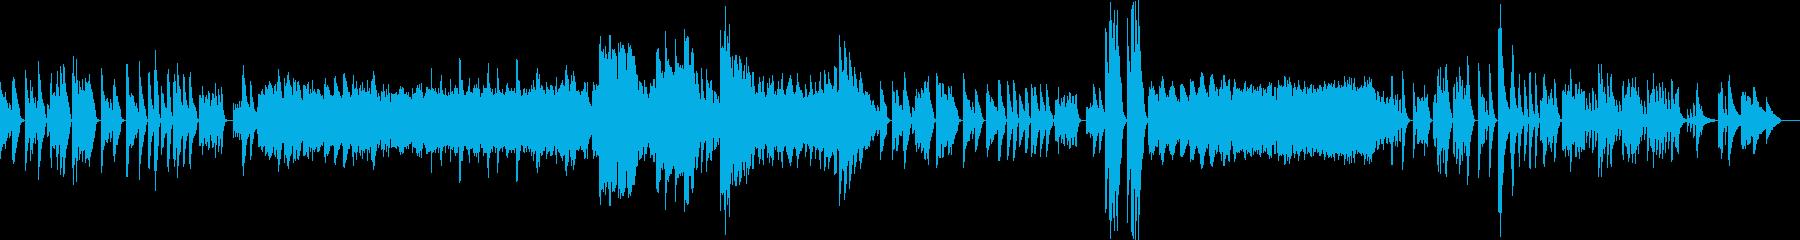 ベートーヴェンピアノソナタ第三番第二章の再生済みの波形